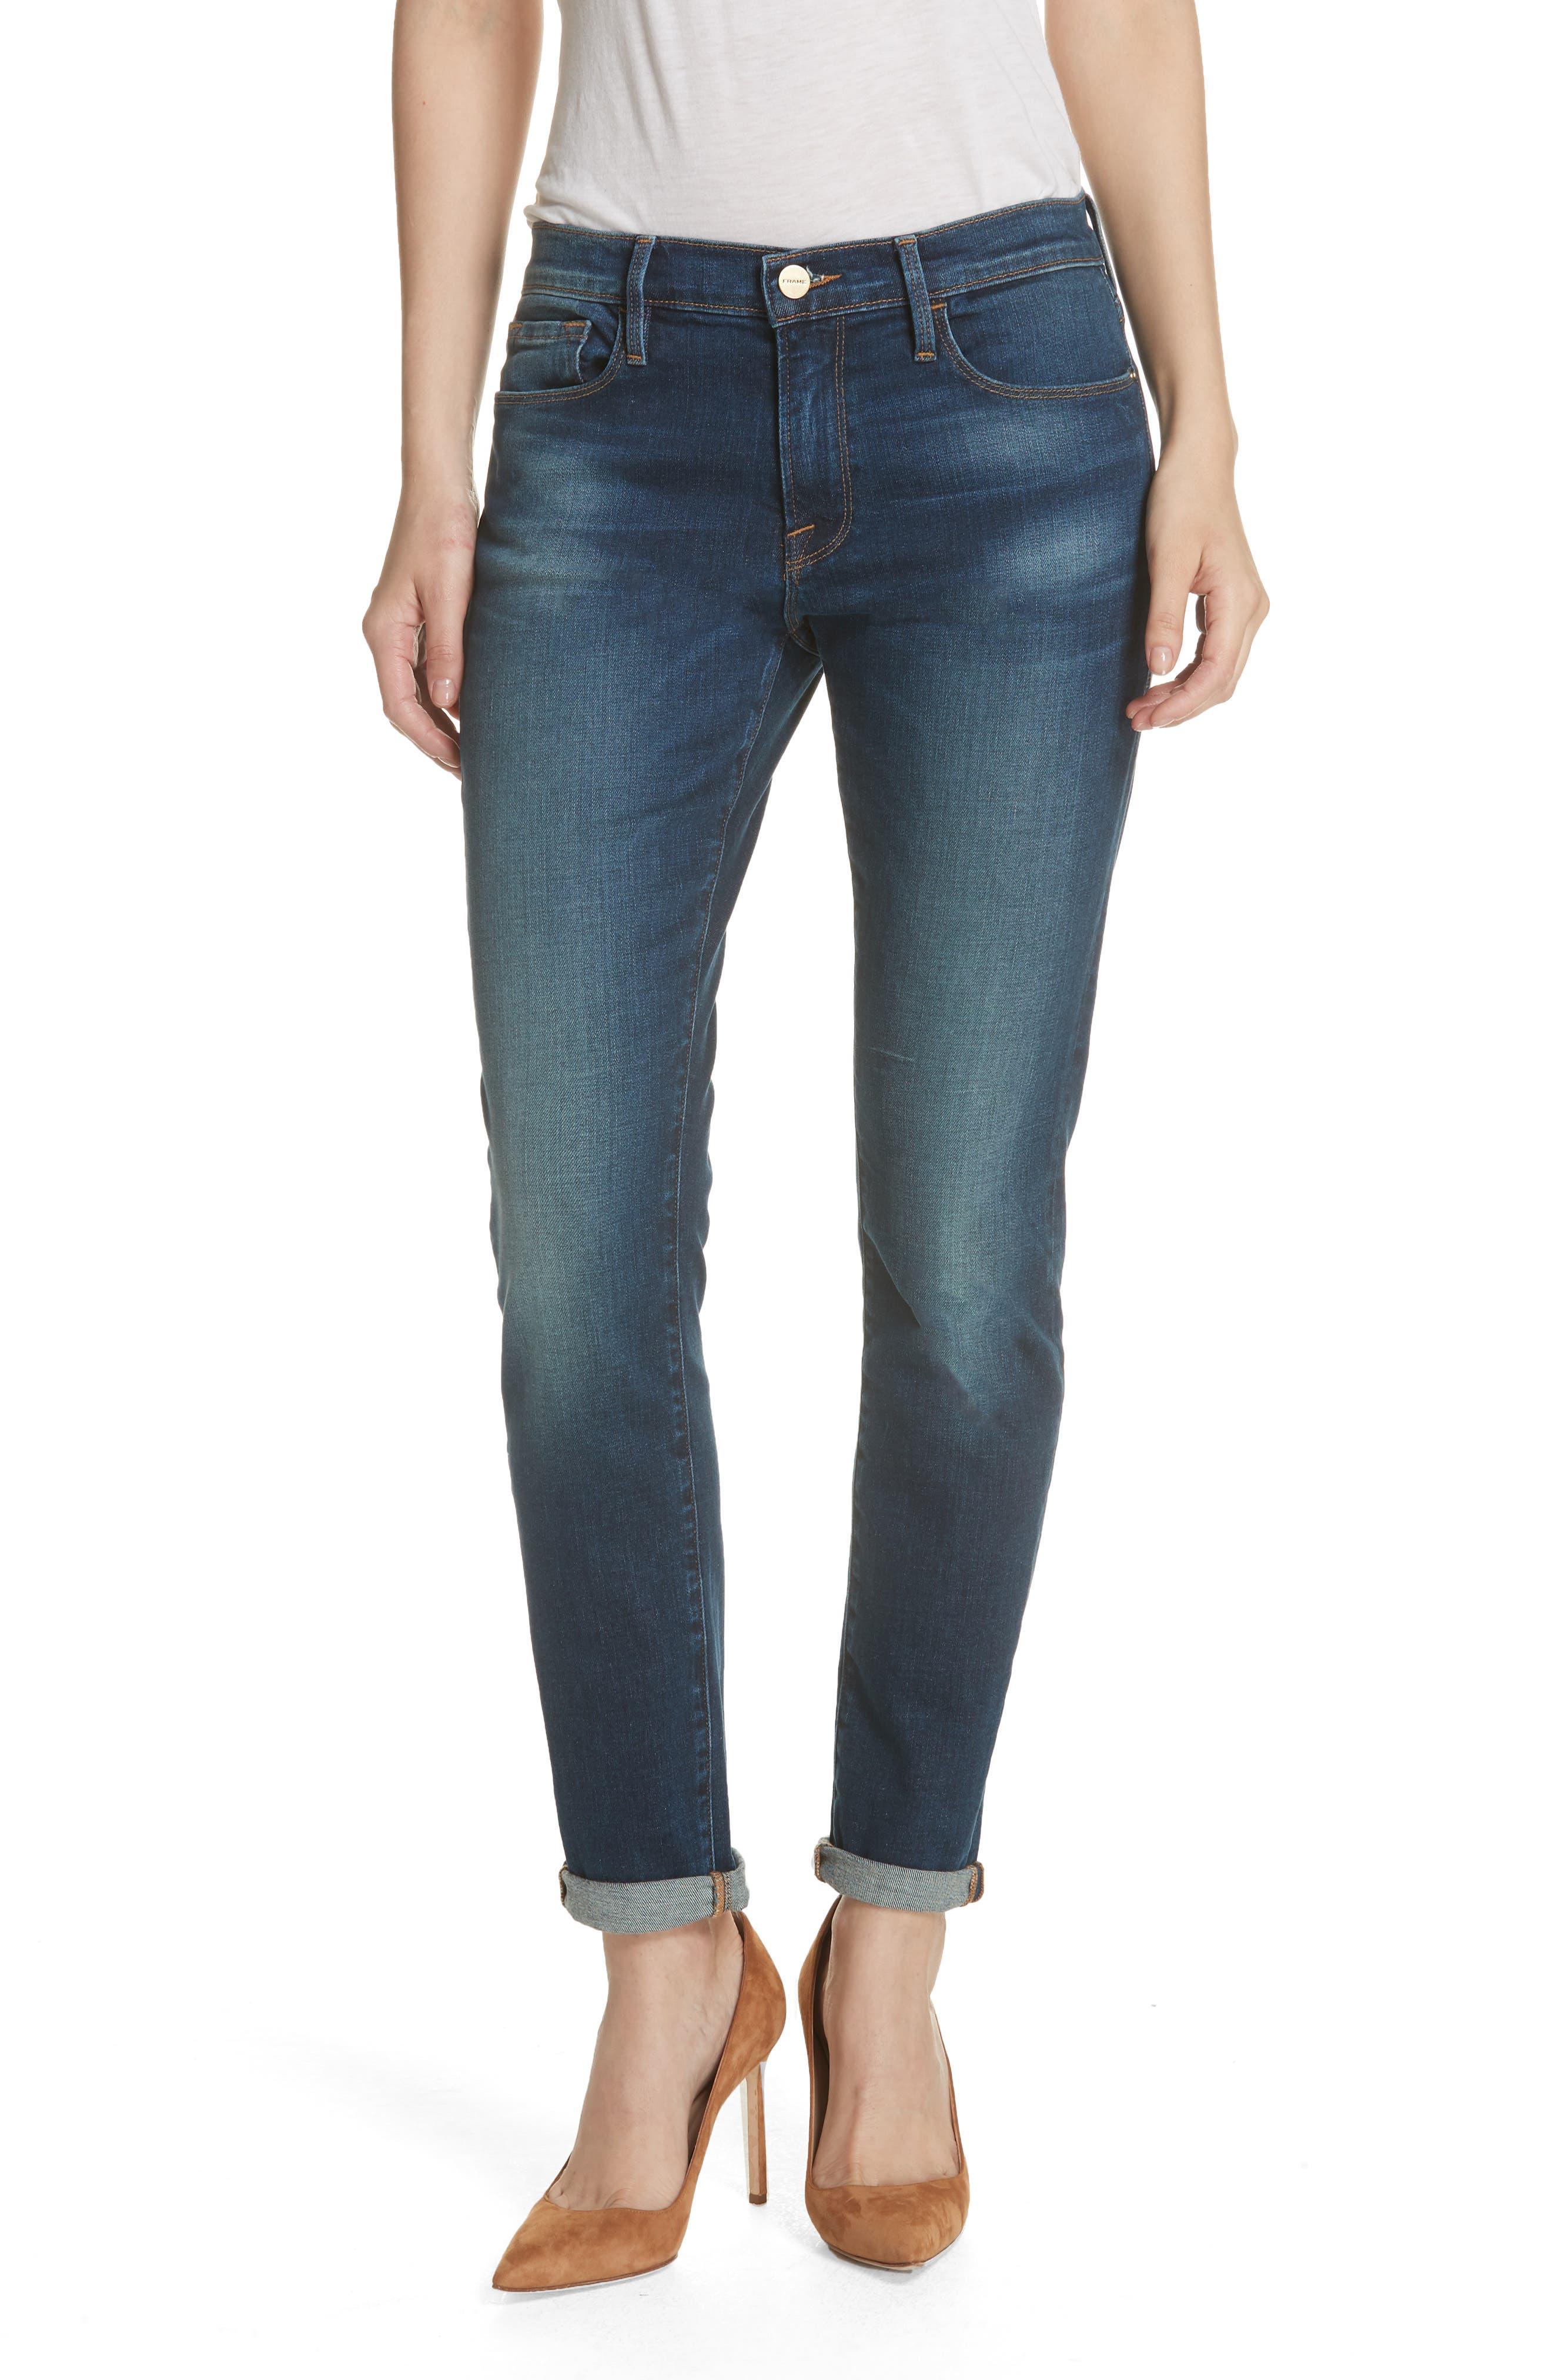 Le Garcon Slim Boyfriend Jeans,                             Main thumbnail 1, color,                             WESTFIELD